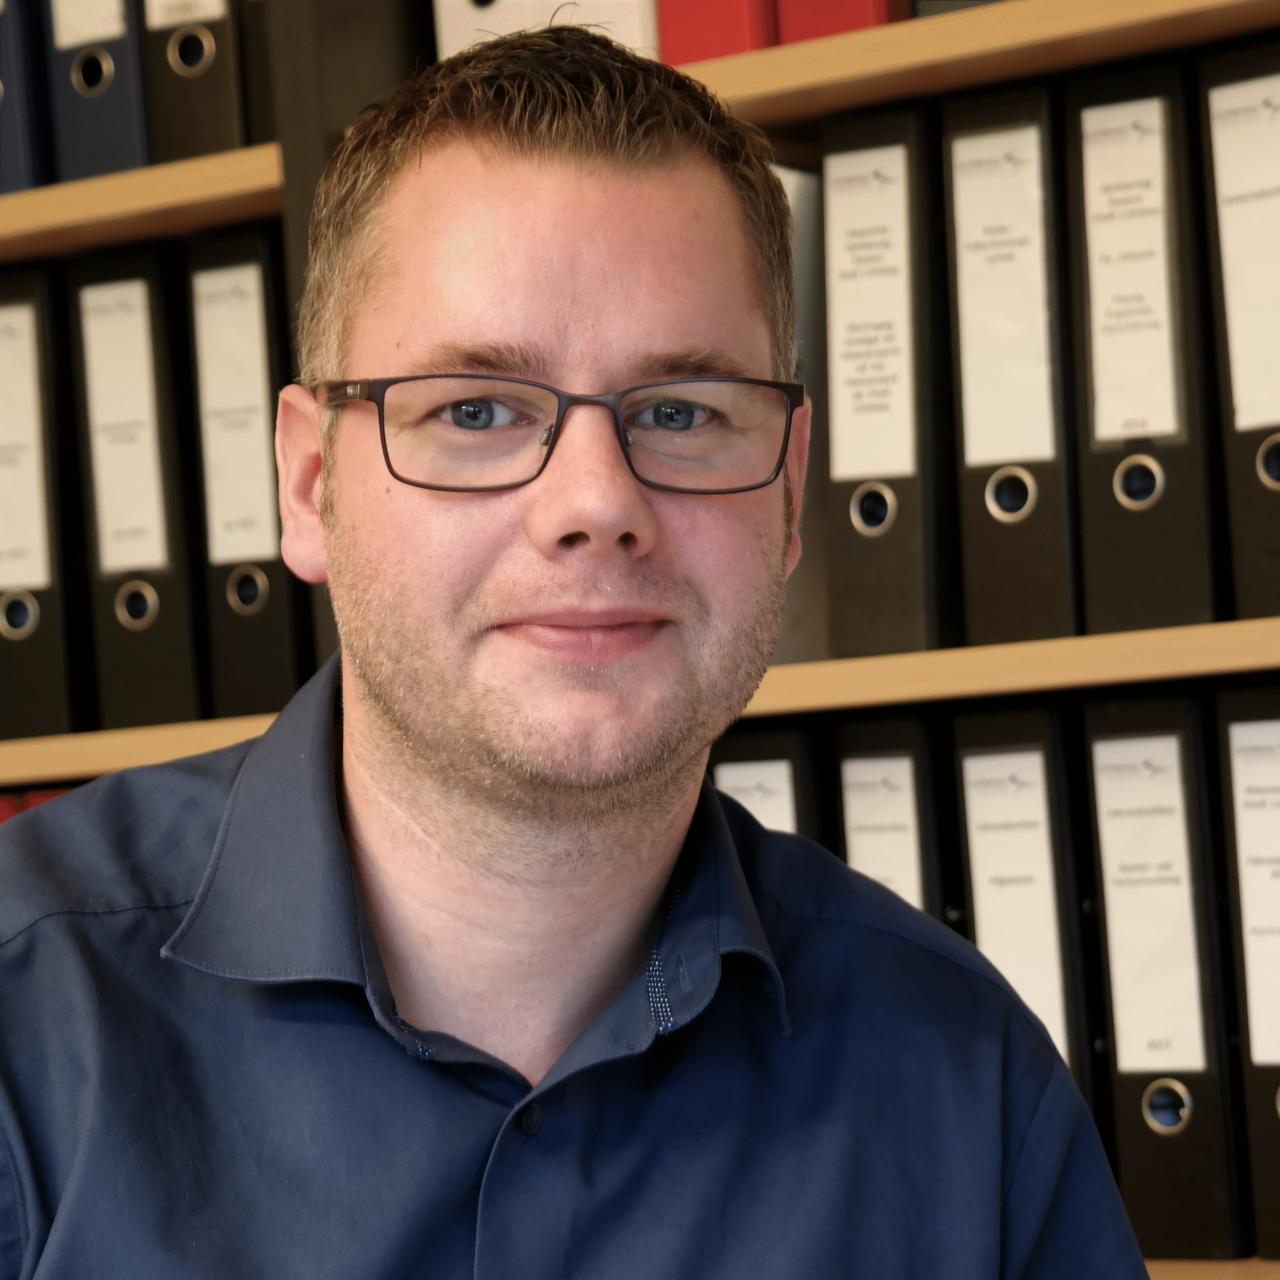 Georg Wigge